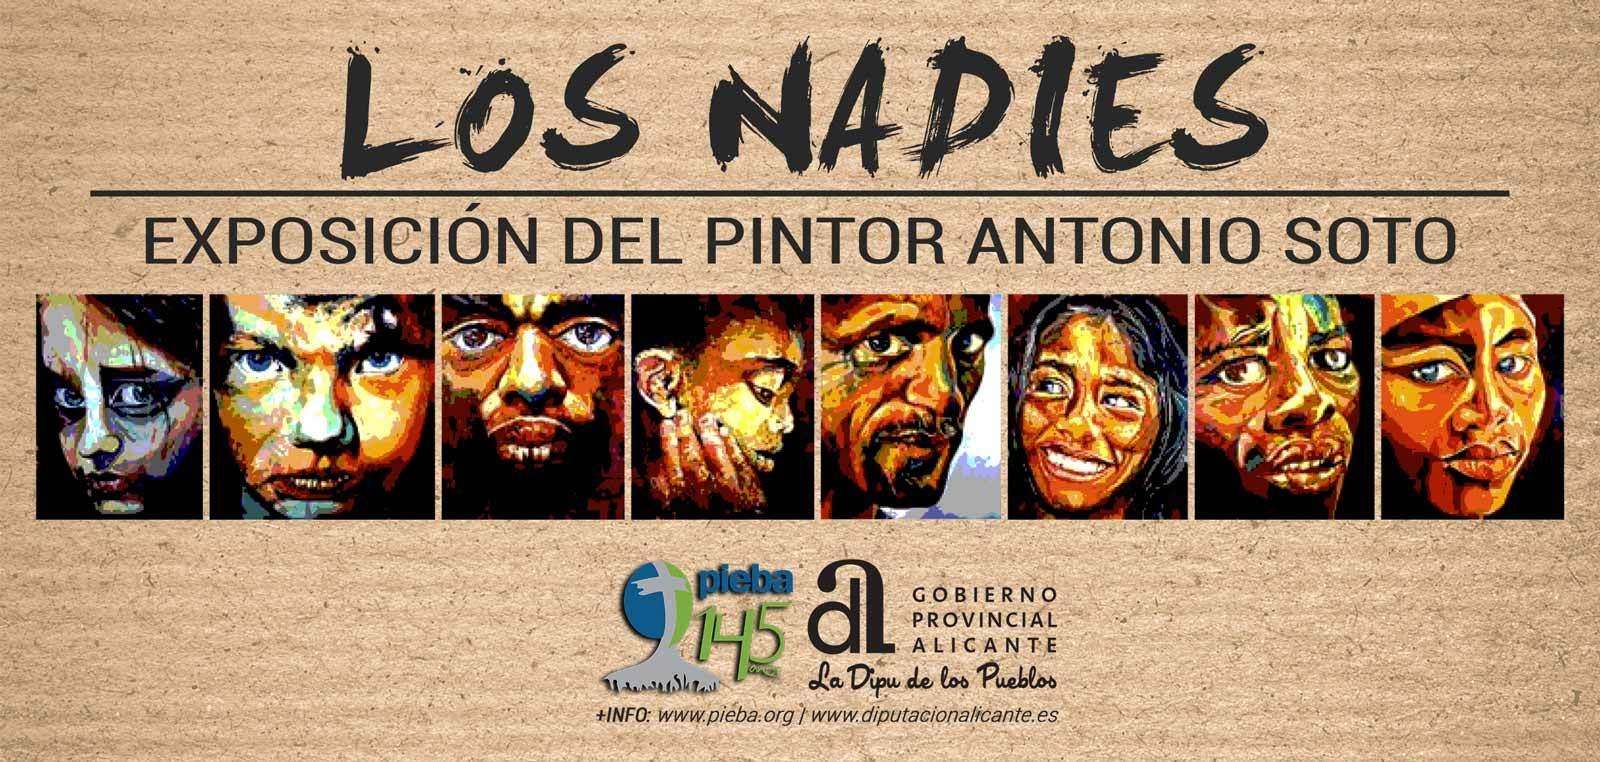 Los Nadies de Antonio Soto